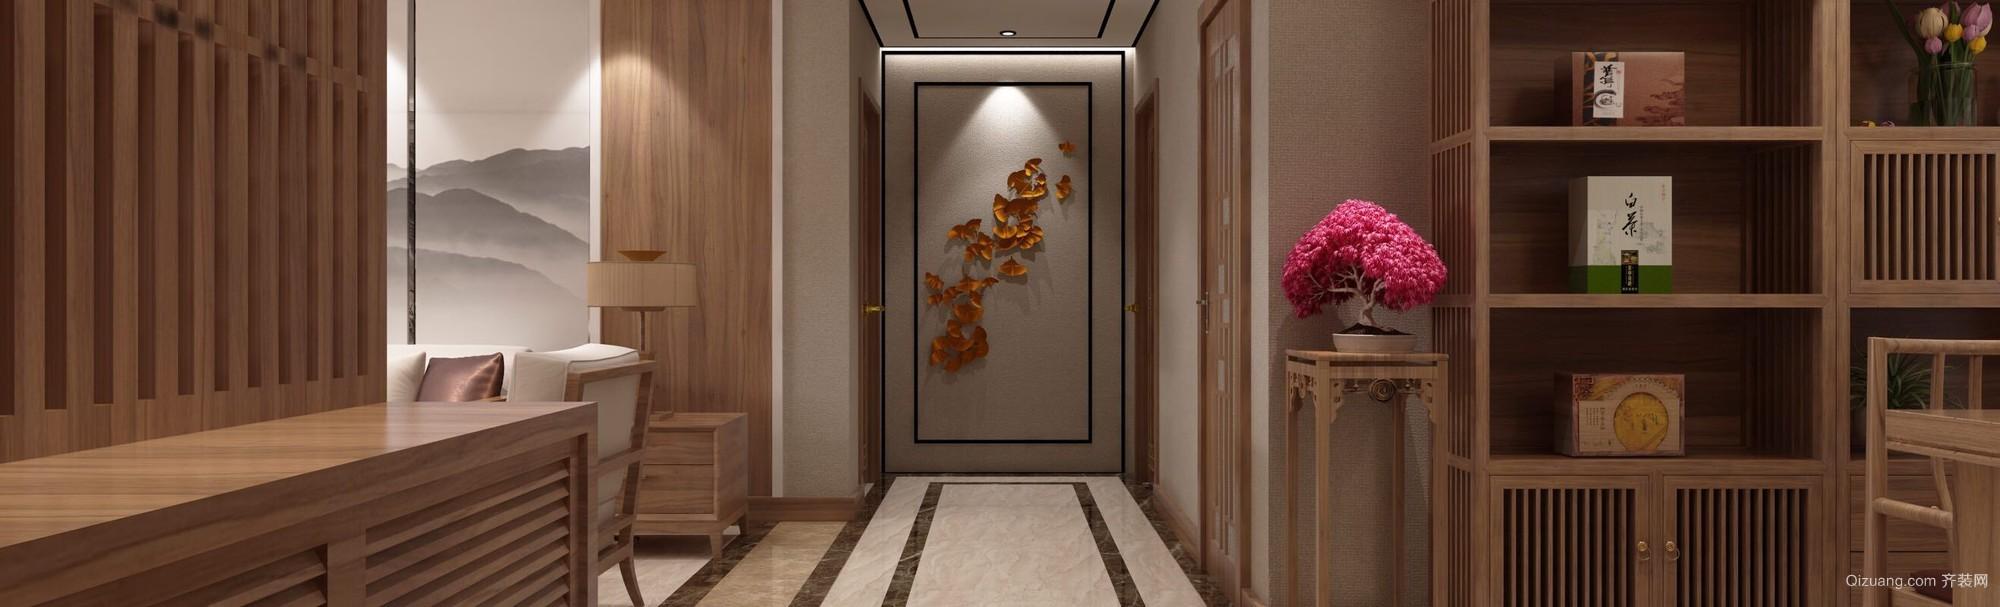 南风花园中式风格装修效果图实景图